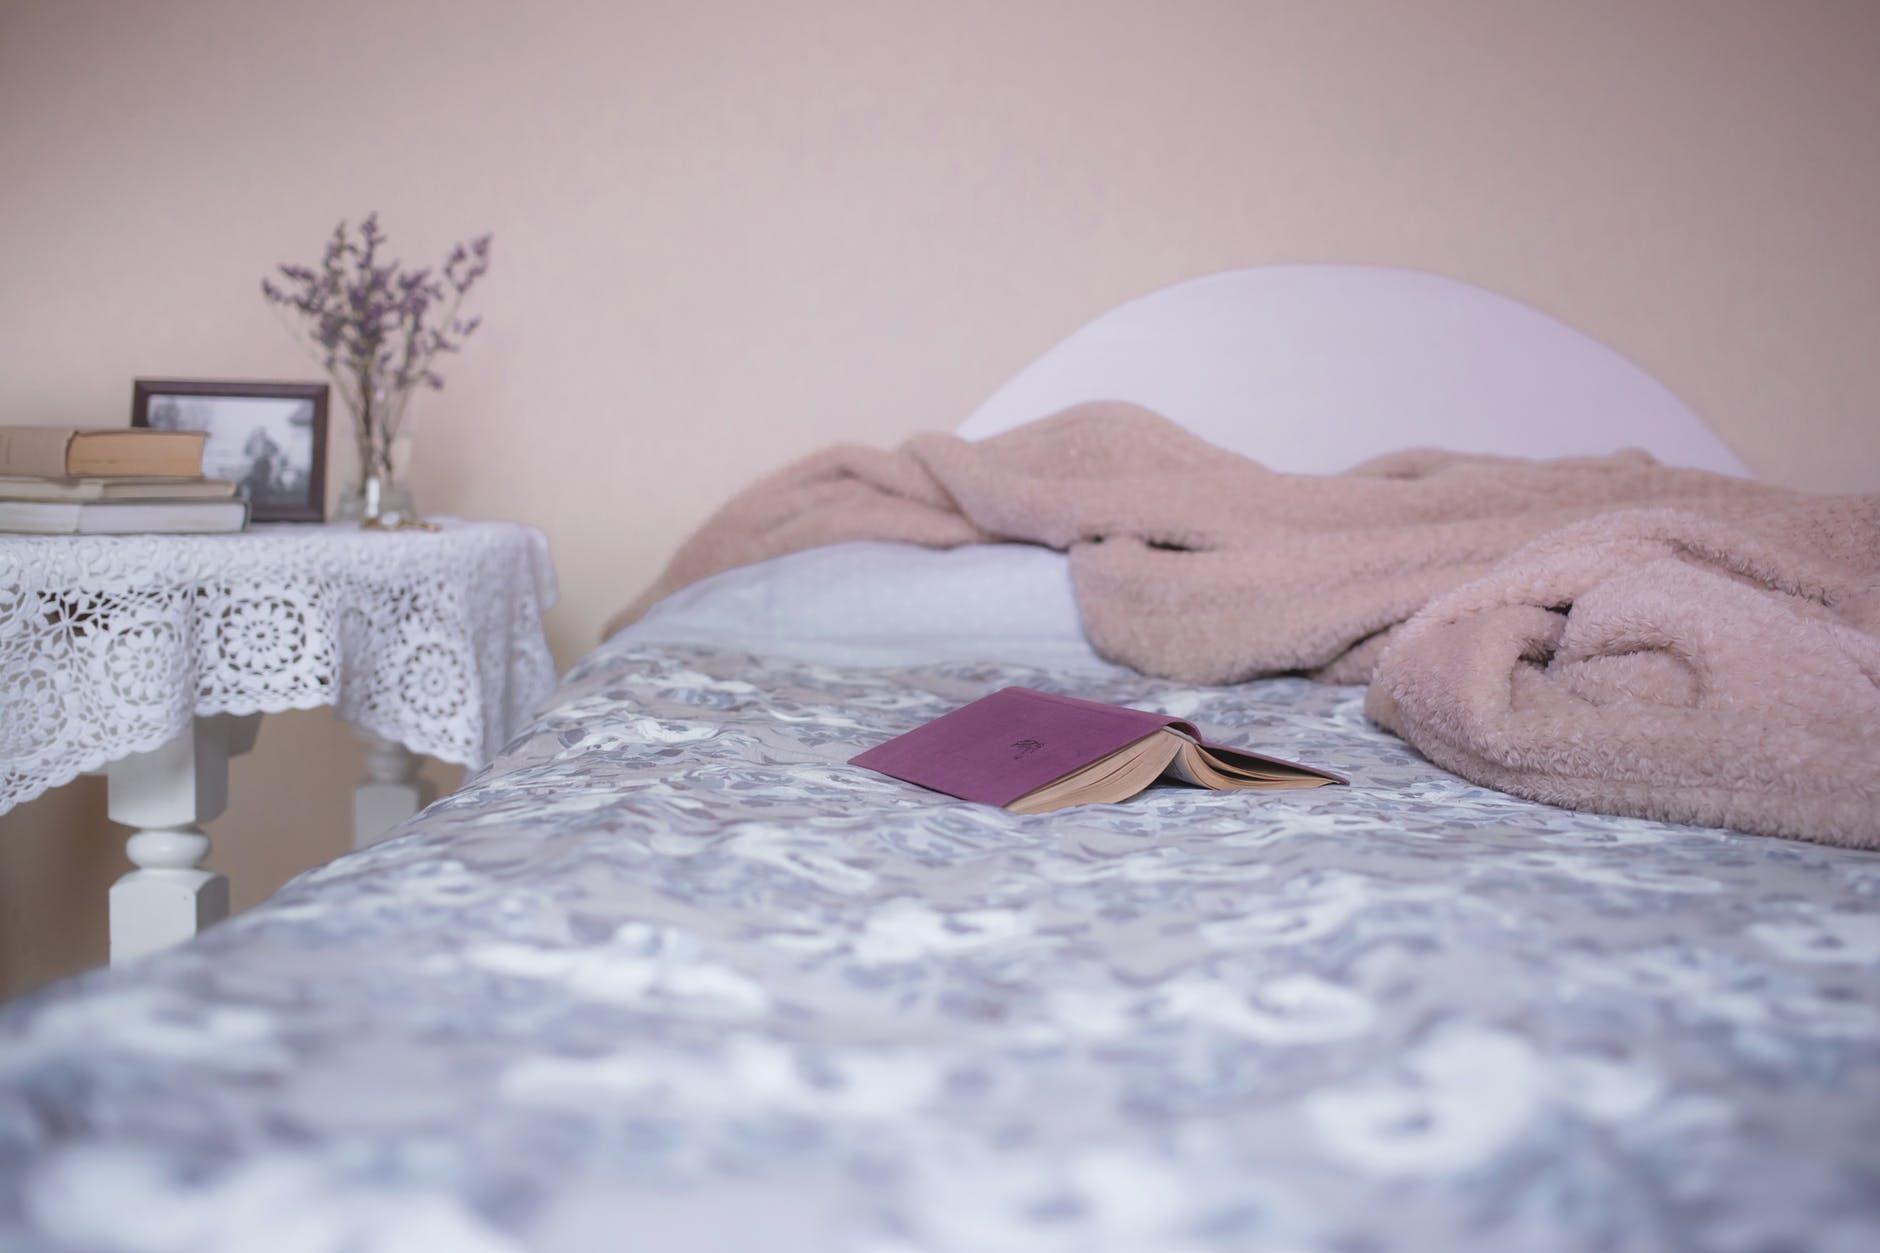 ぺちゃんこまつげを防ぐ!寝るときは仰向けで